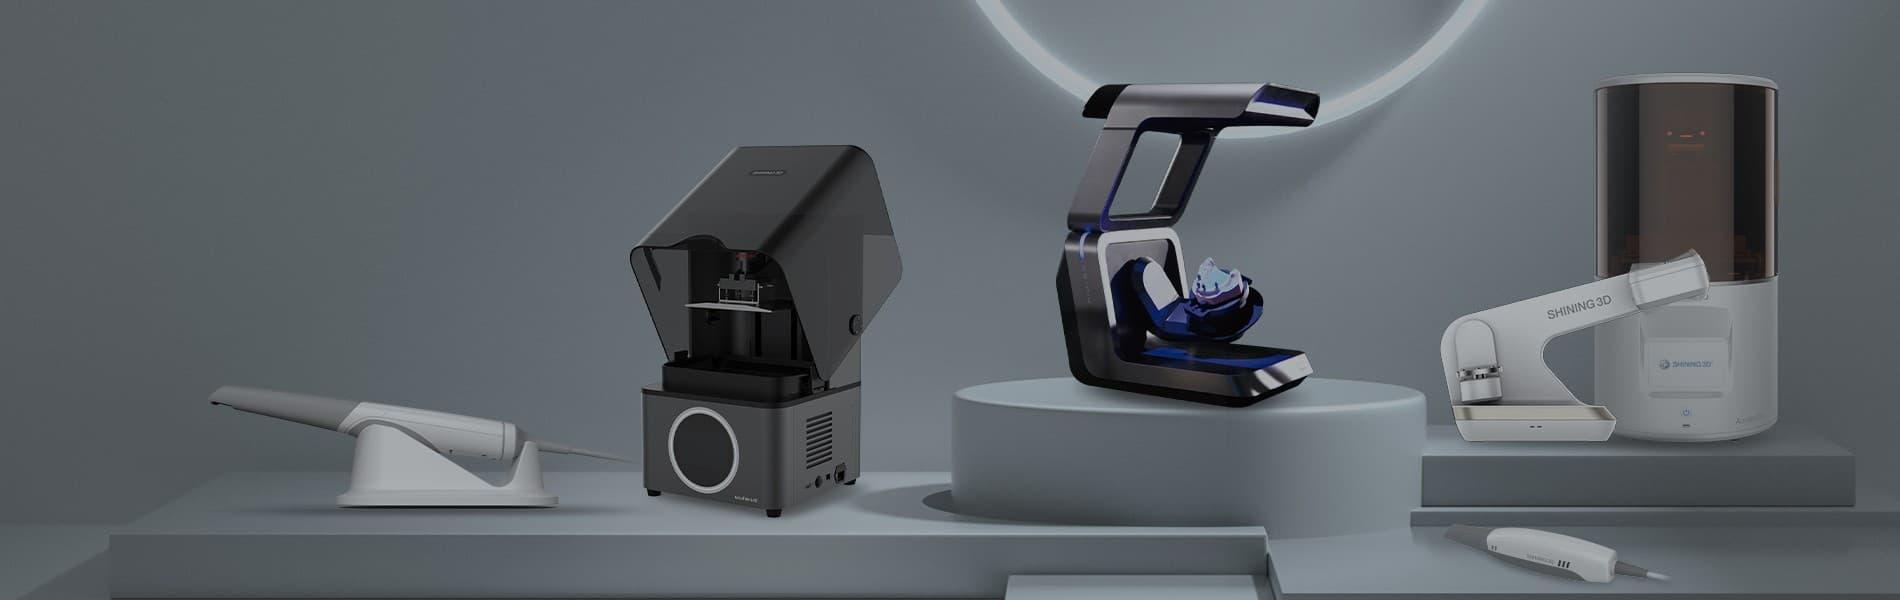 dental 3d scanner